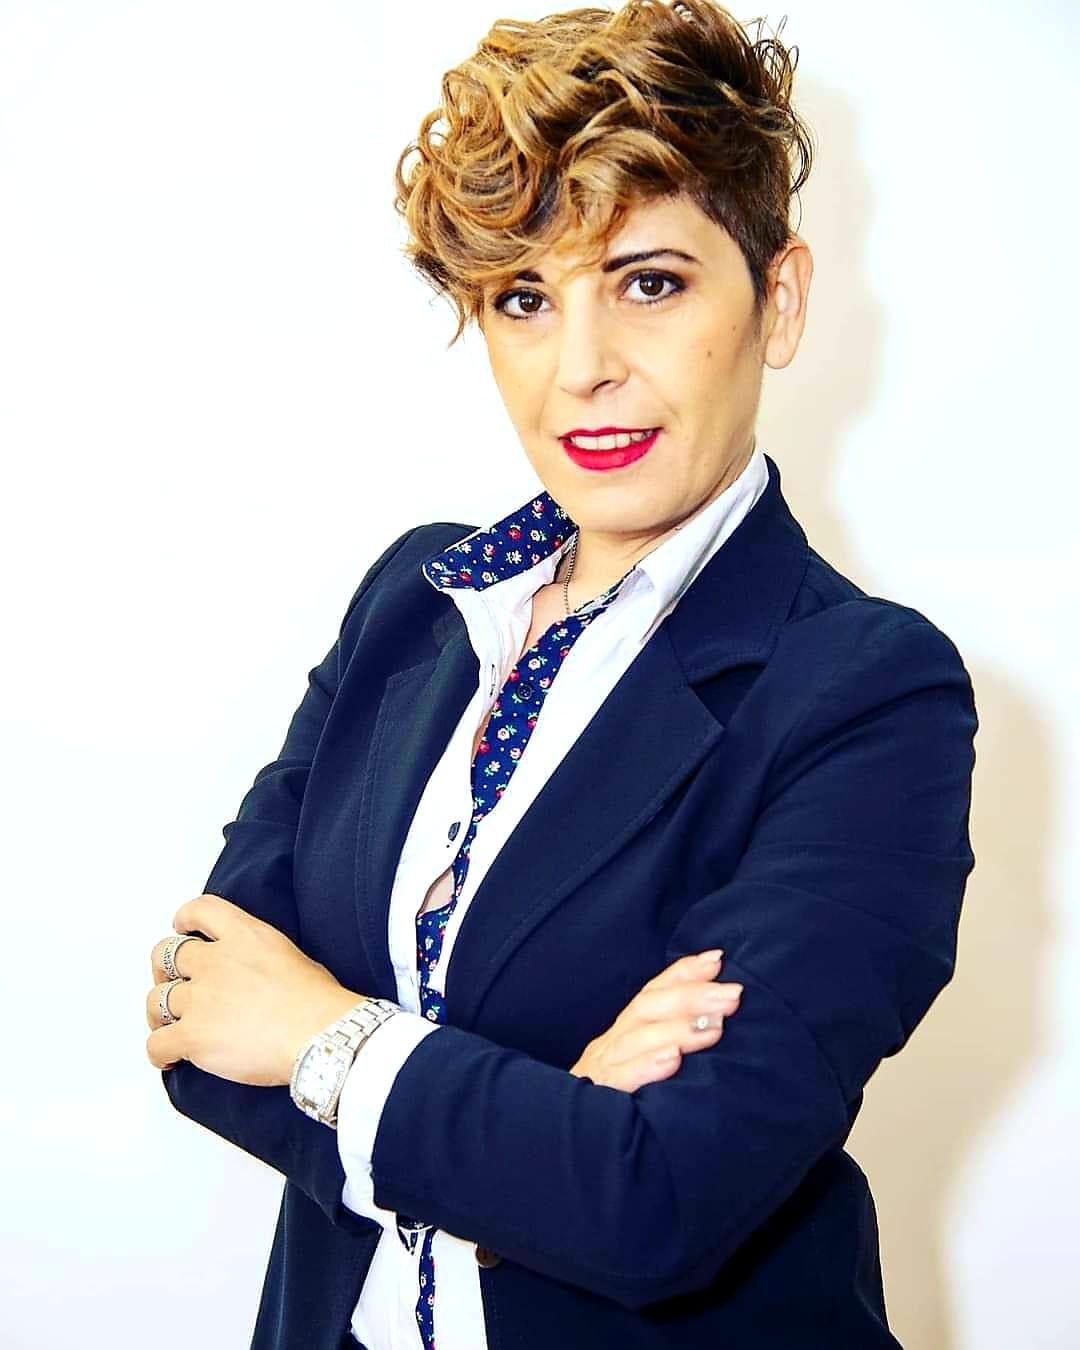 Intervista – Settore matrimoni ed eventi in ginocchio: le considerazioni della Wedding Planner Maria La Marca